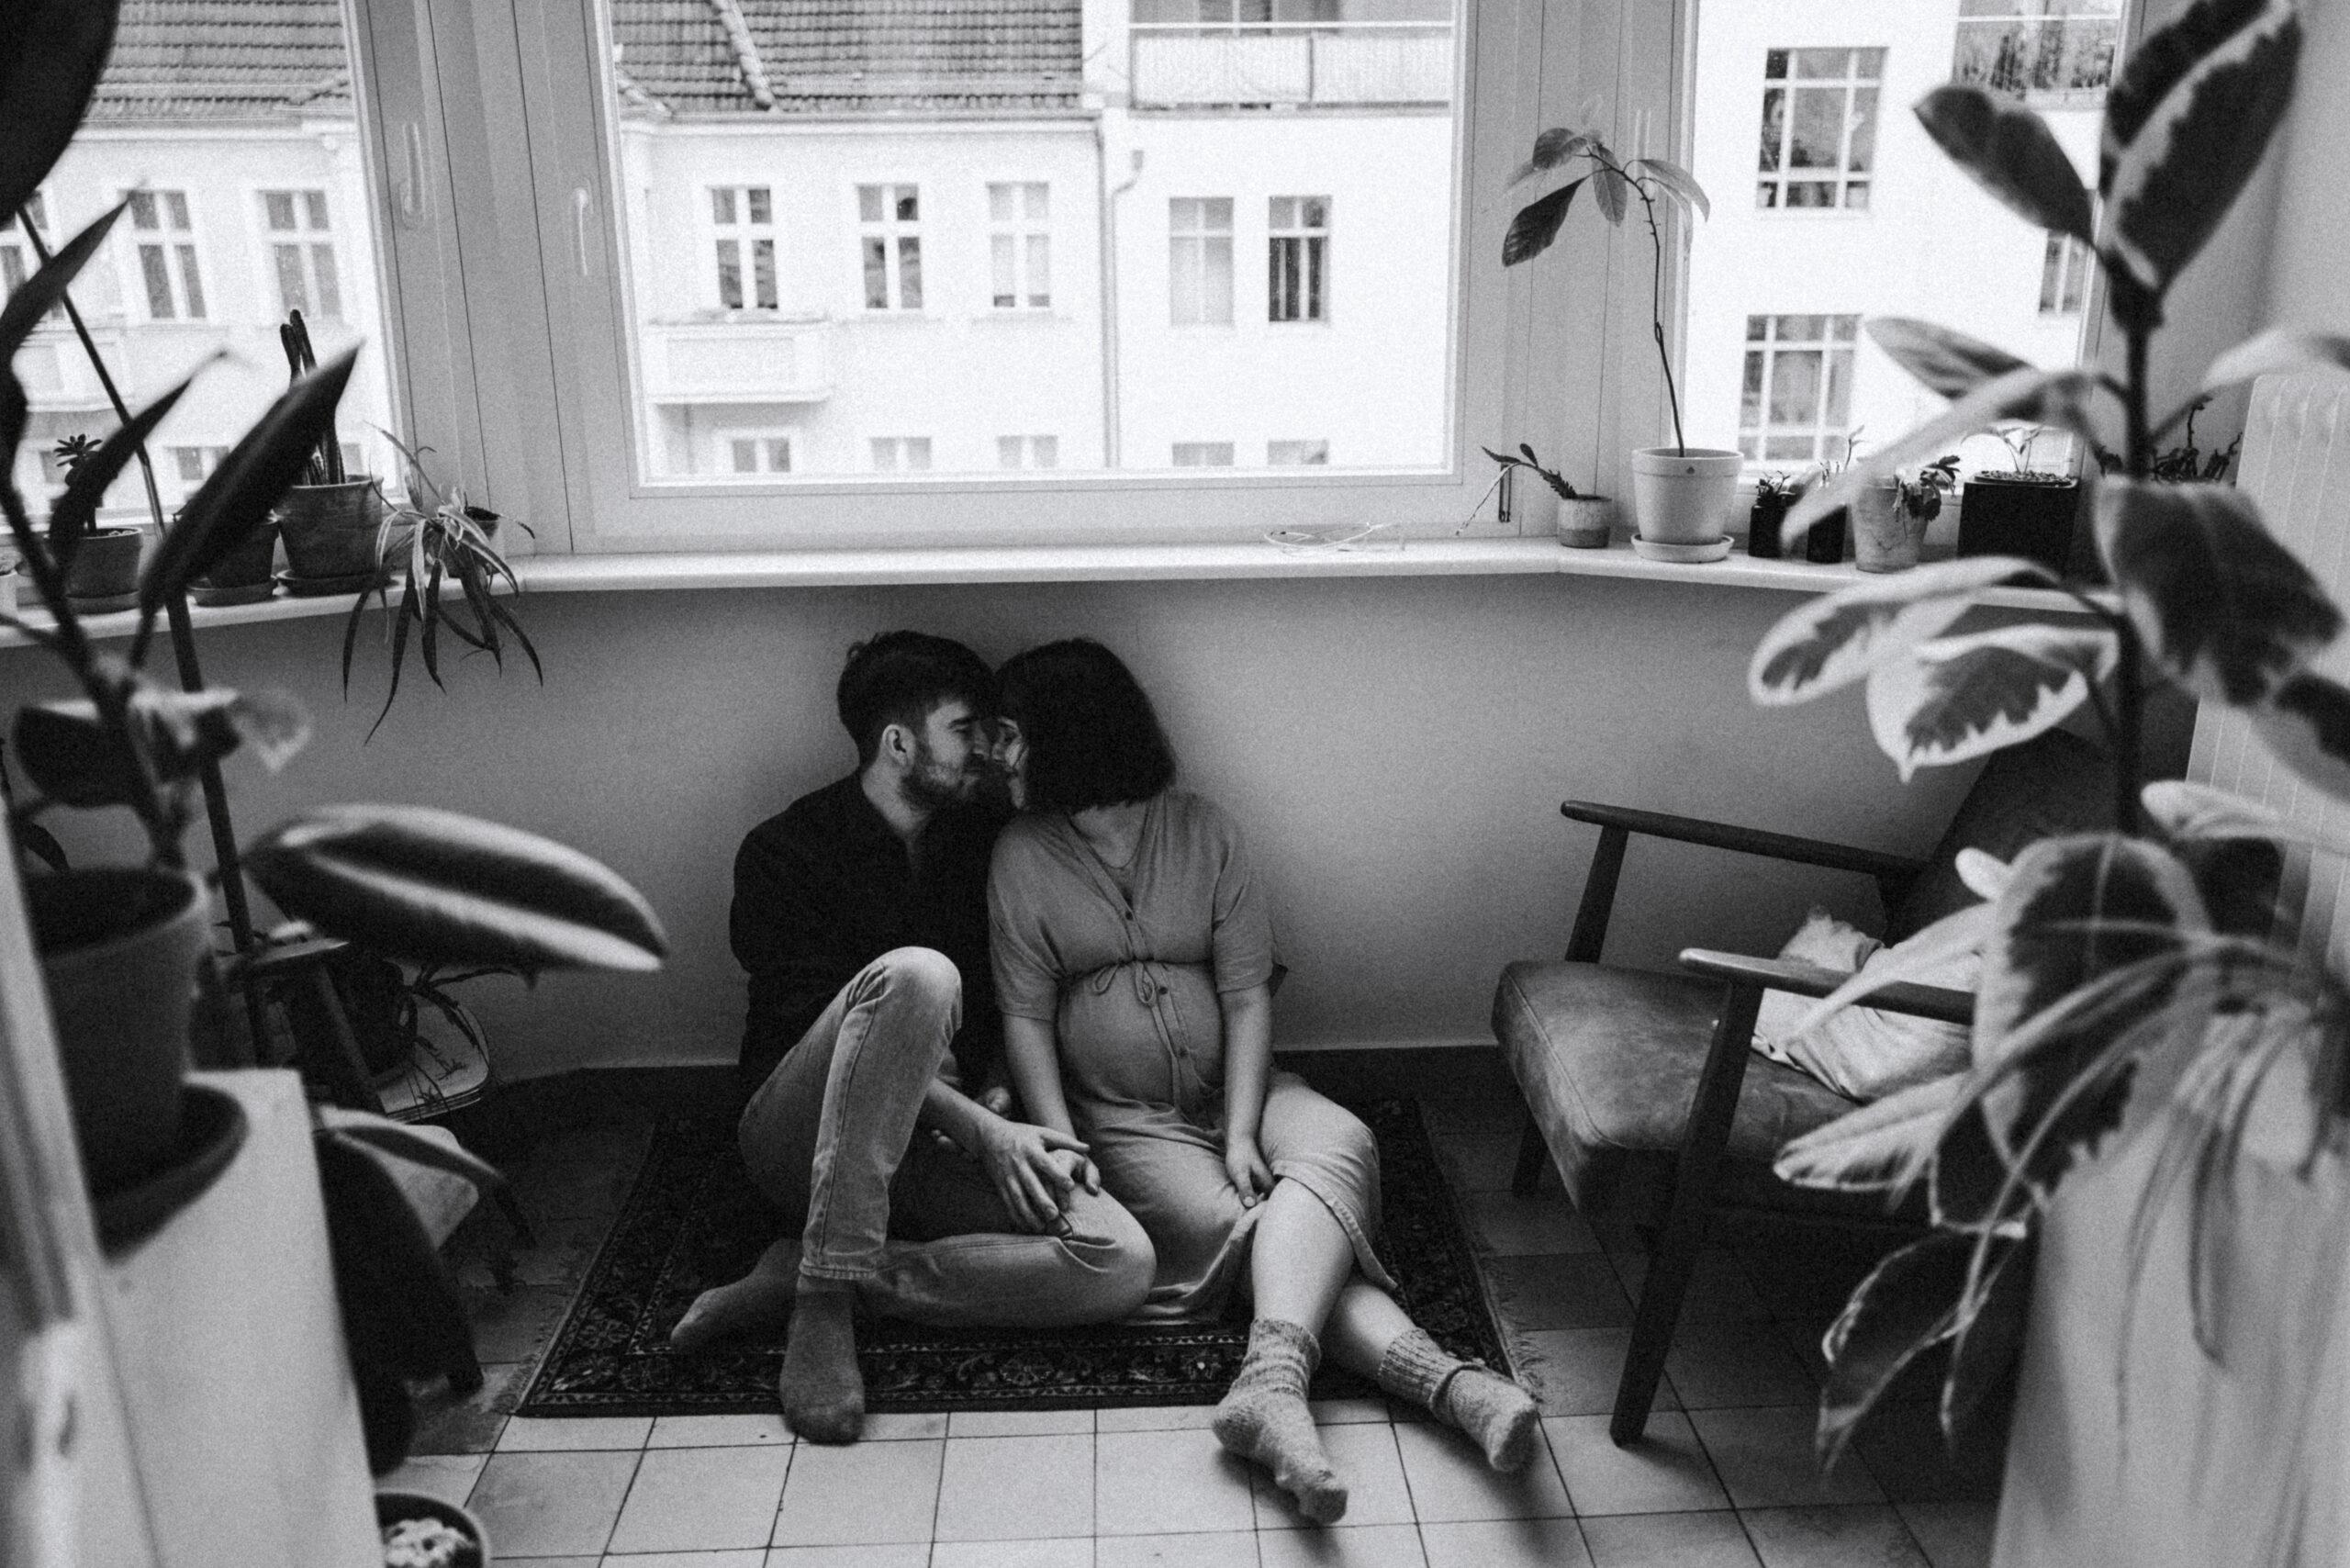 Joana_Vincent-1110895